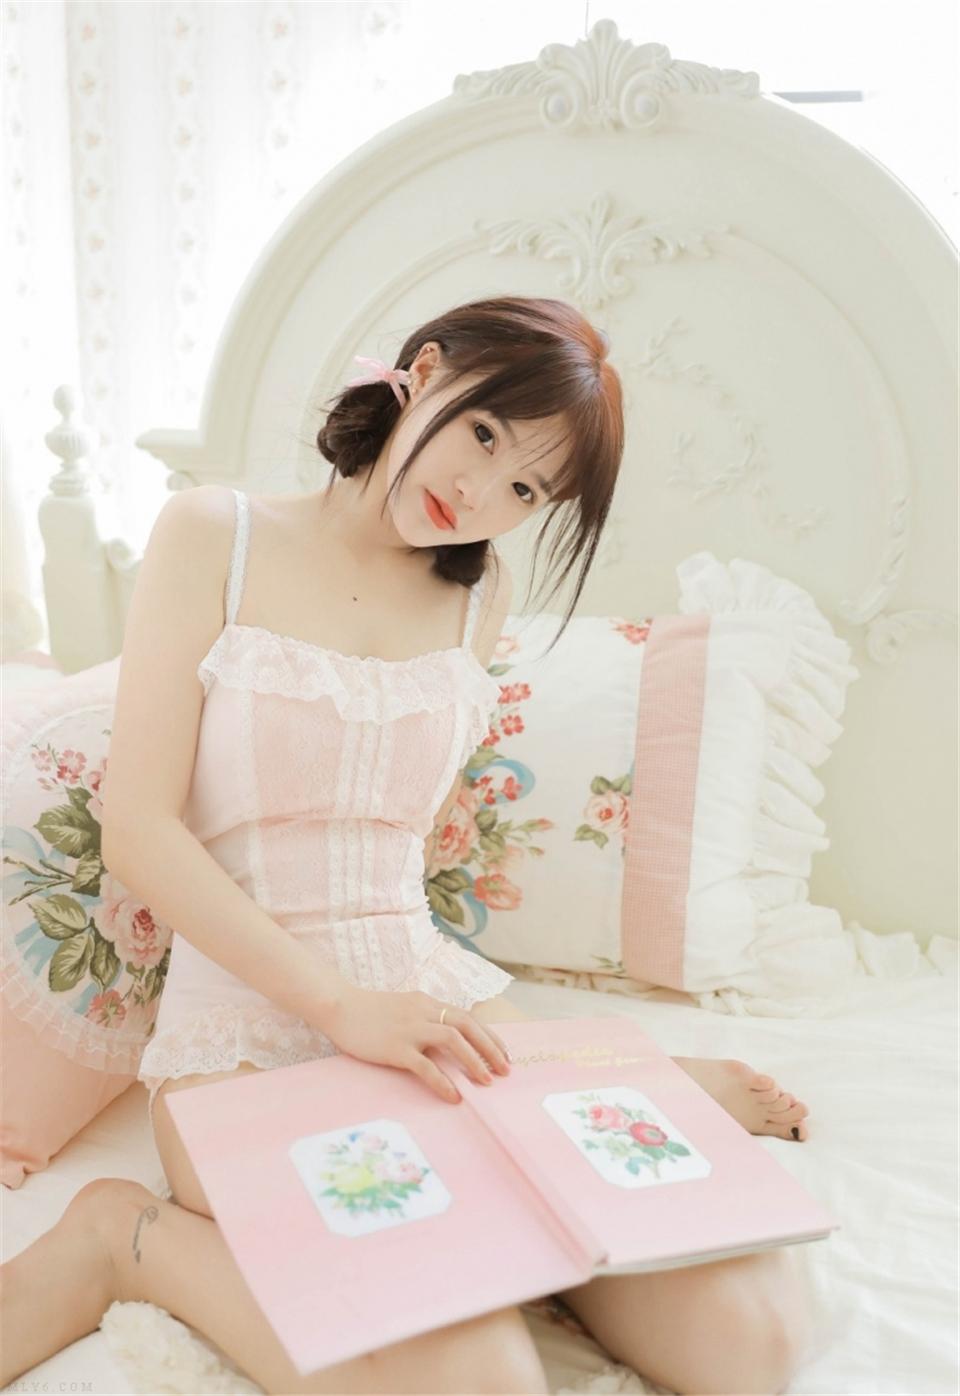 www.mly6.com 0060133